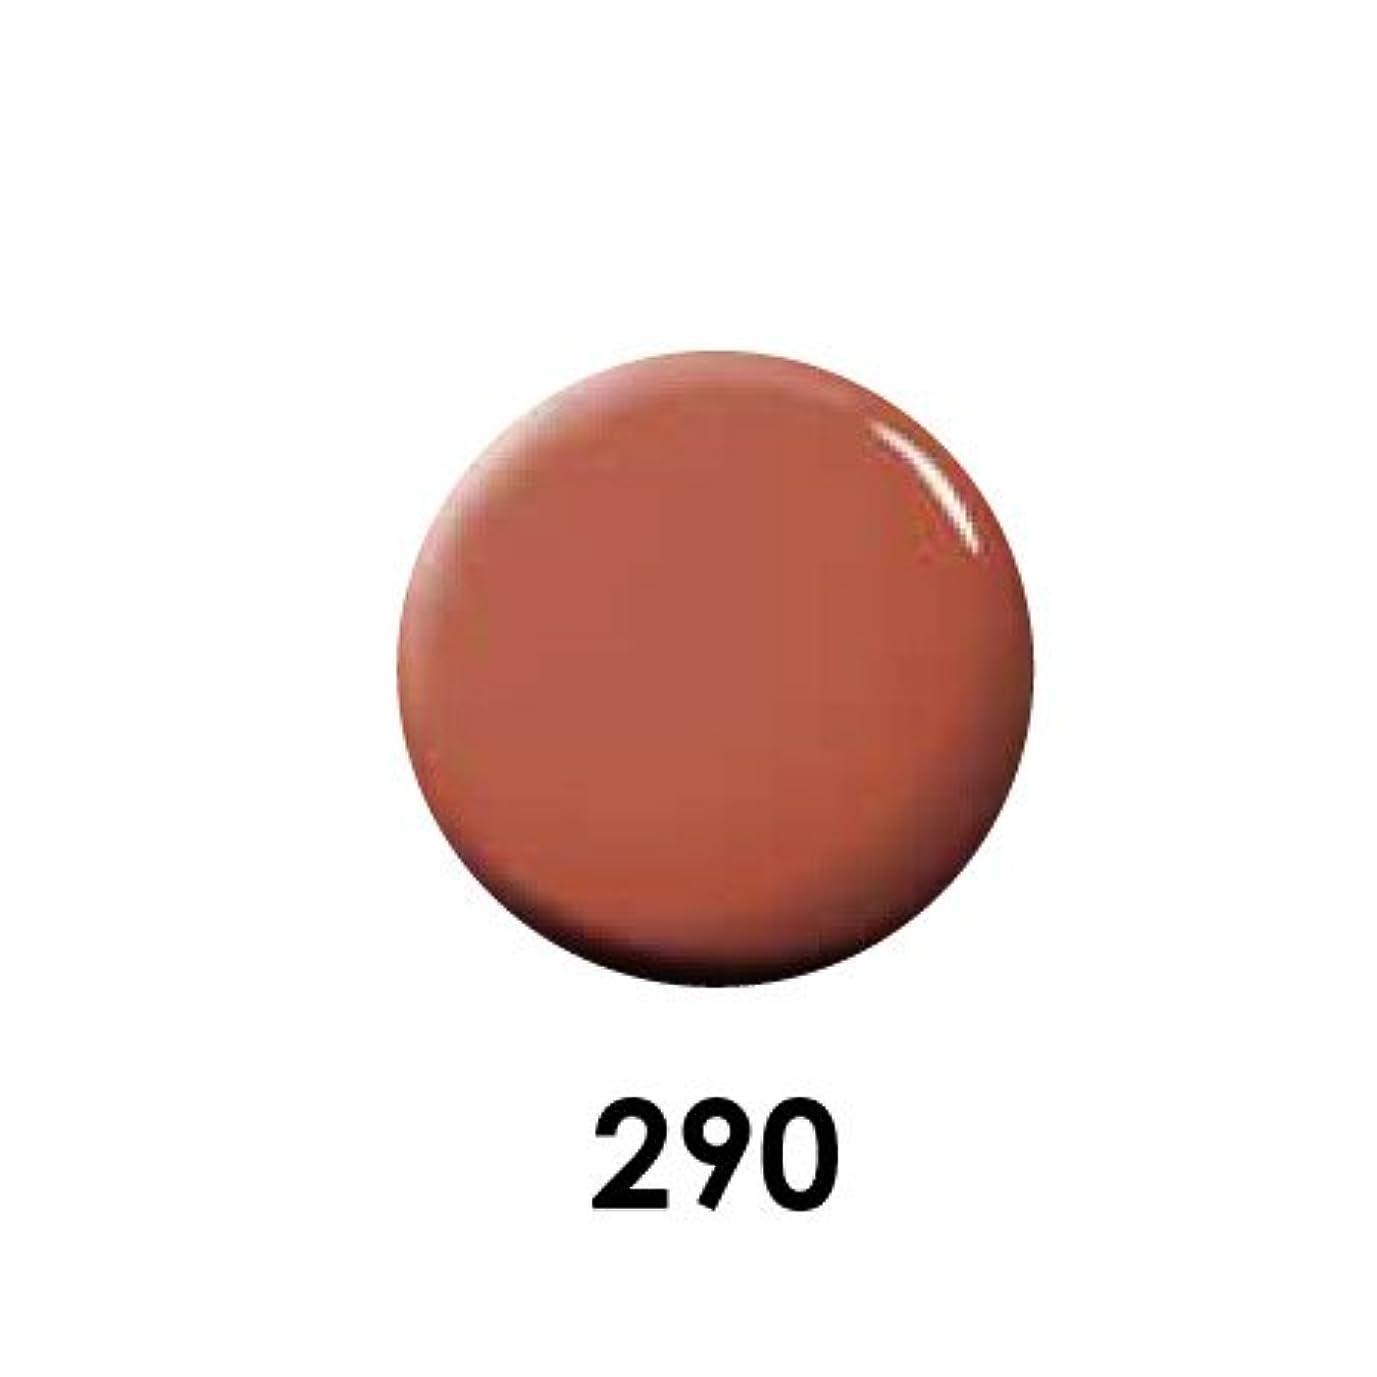 消毒剤南極はちみつPutiel プティール カラージェル 290 レッドソイル 4g (MARIEプロデュース)